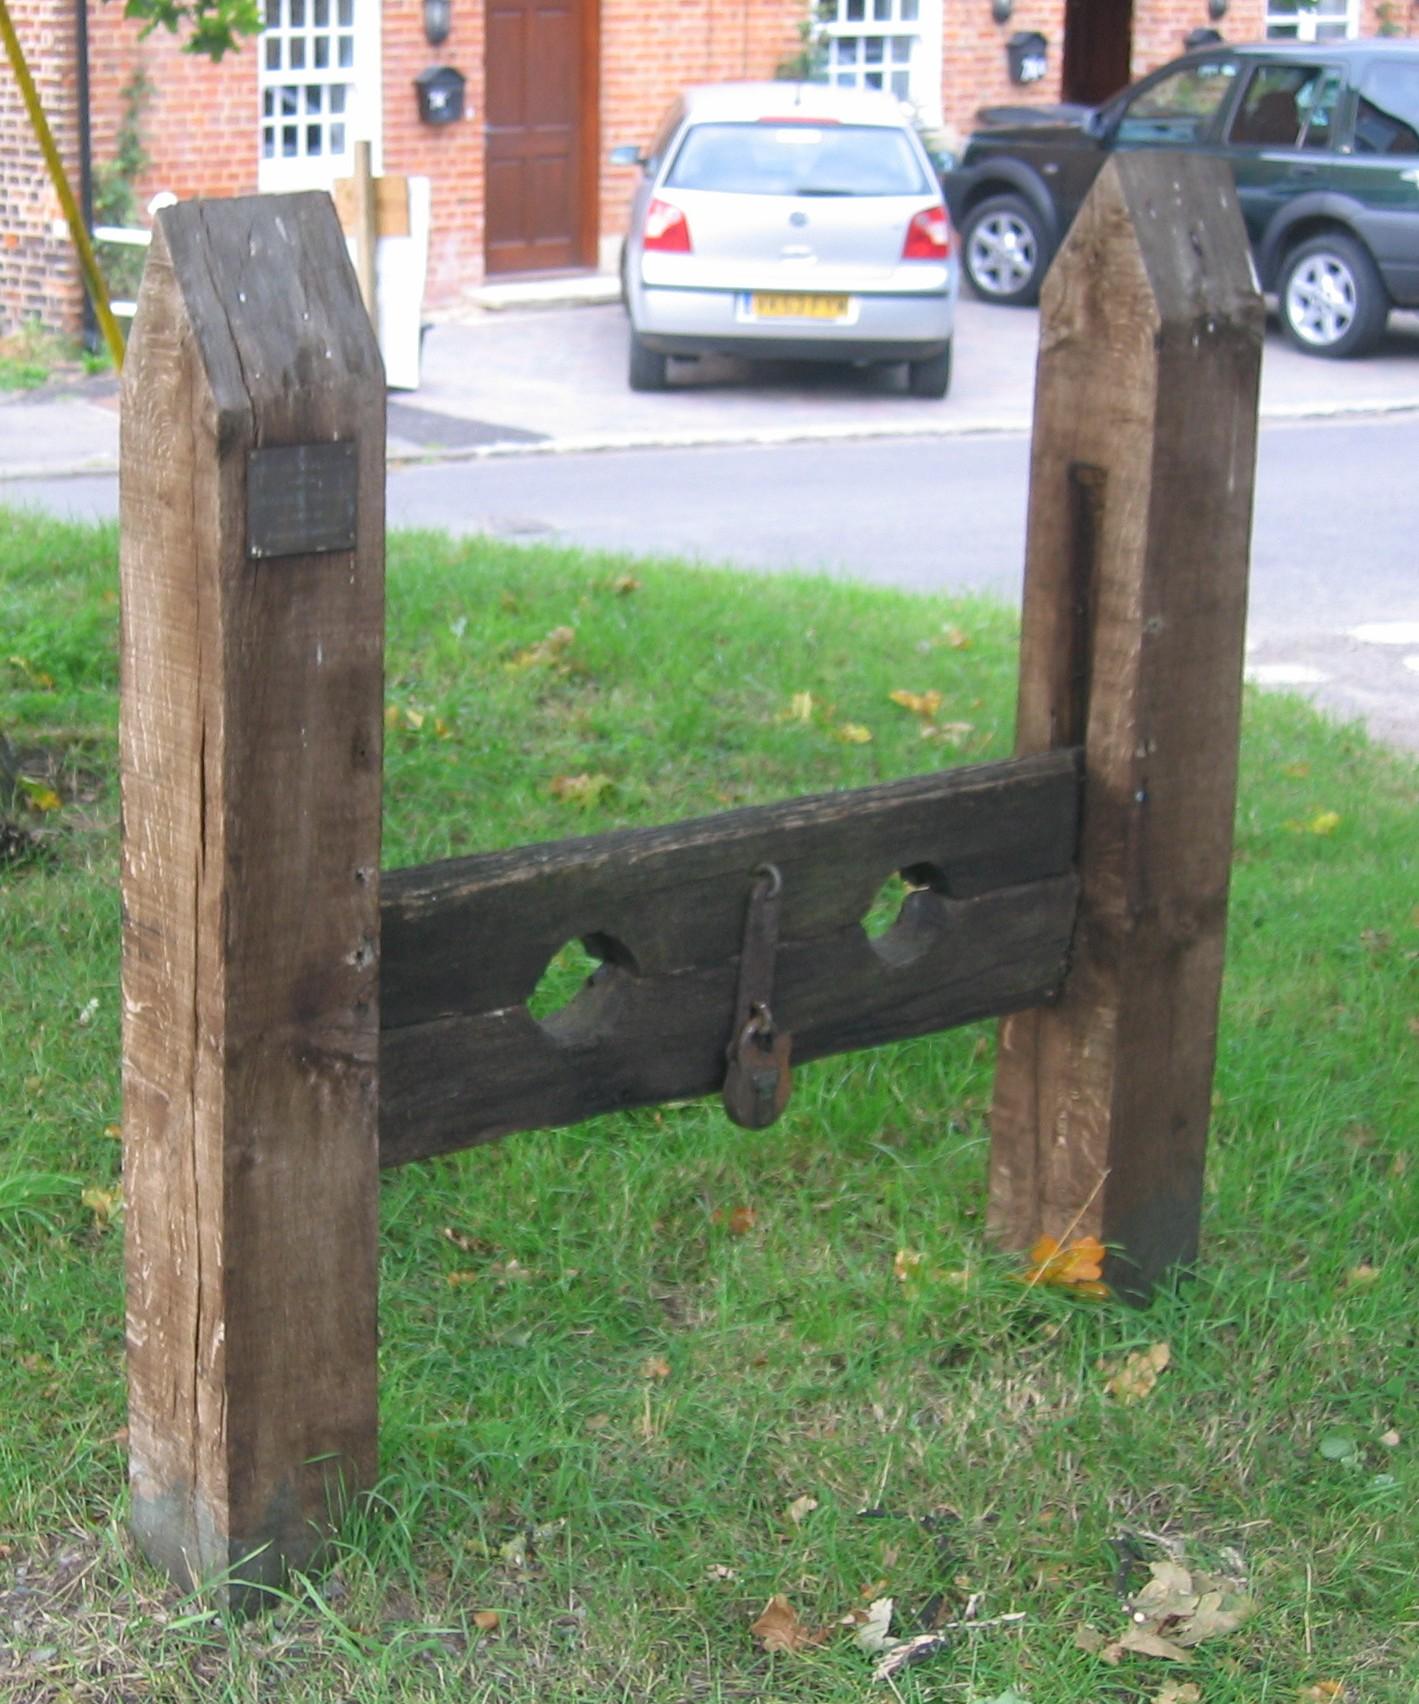 上图:英国Keevil街头的木狗(Stock)。英格兰1351年的《劳工法 Statute of Labourers》要求每个城镇和村庄都建立一套木狗,从未被正式废除过。